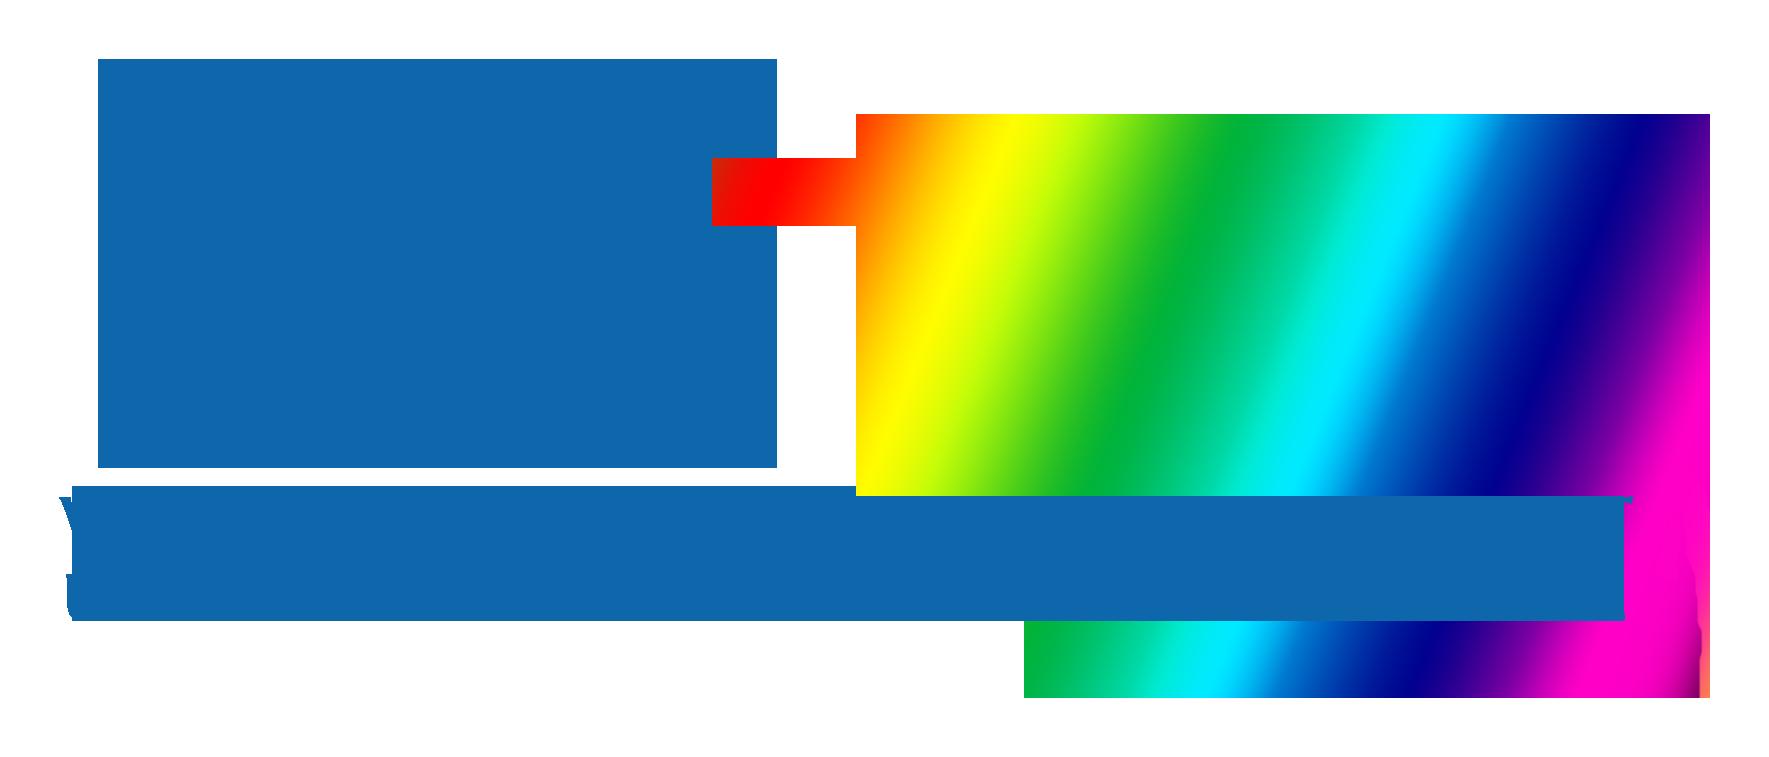 Verein zur Förderung der Artenvielfalt und des Umweltschutzes Schaephuysen e.V.